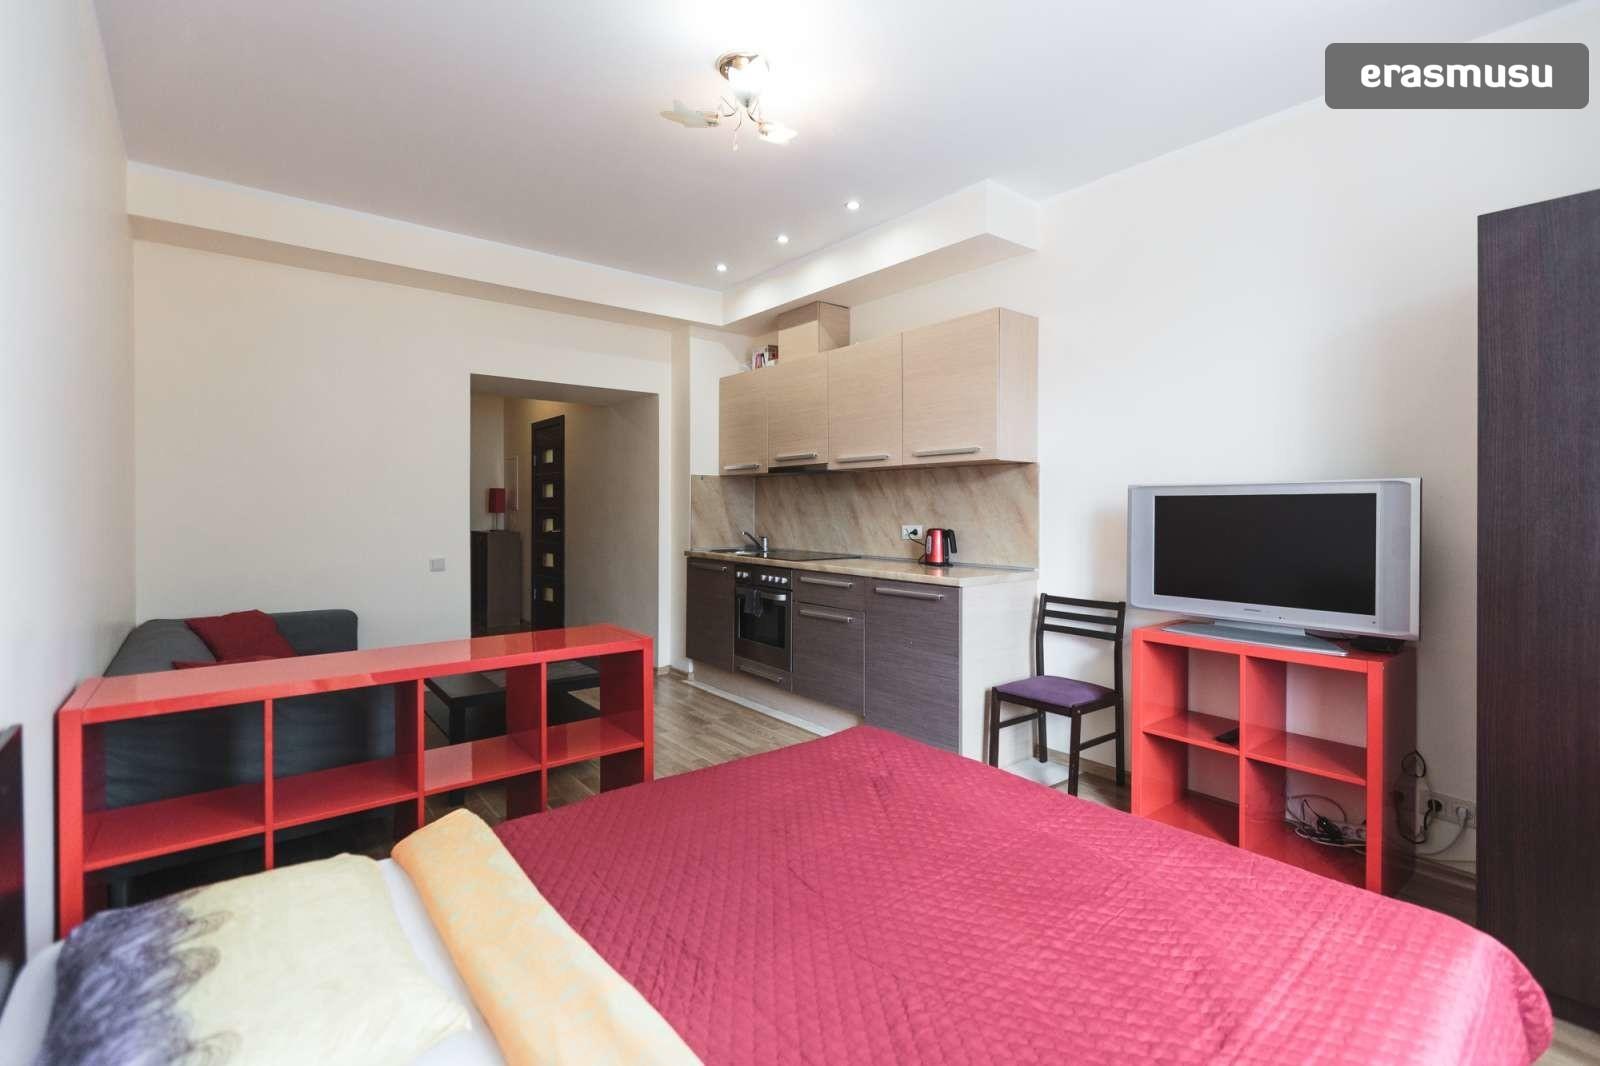 modern-studio-apartment-rent-maskavas-forstate-8f80cd17751acf74e